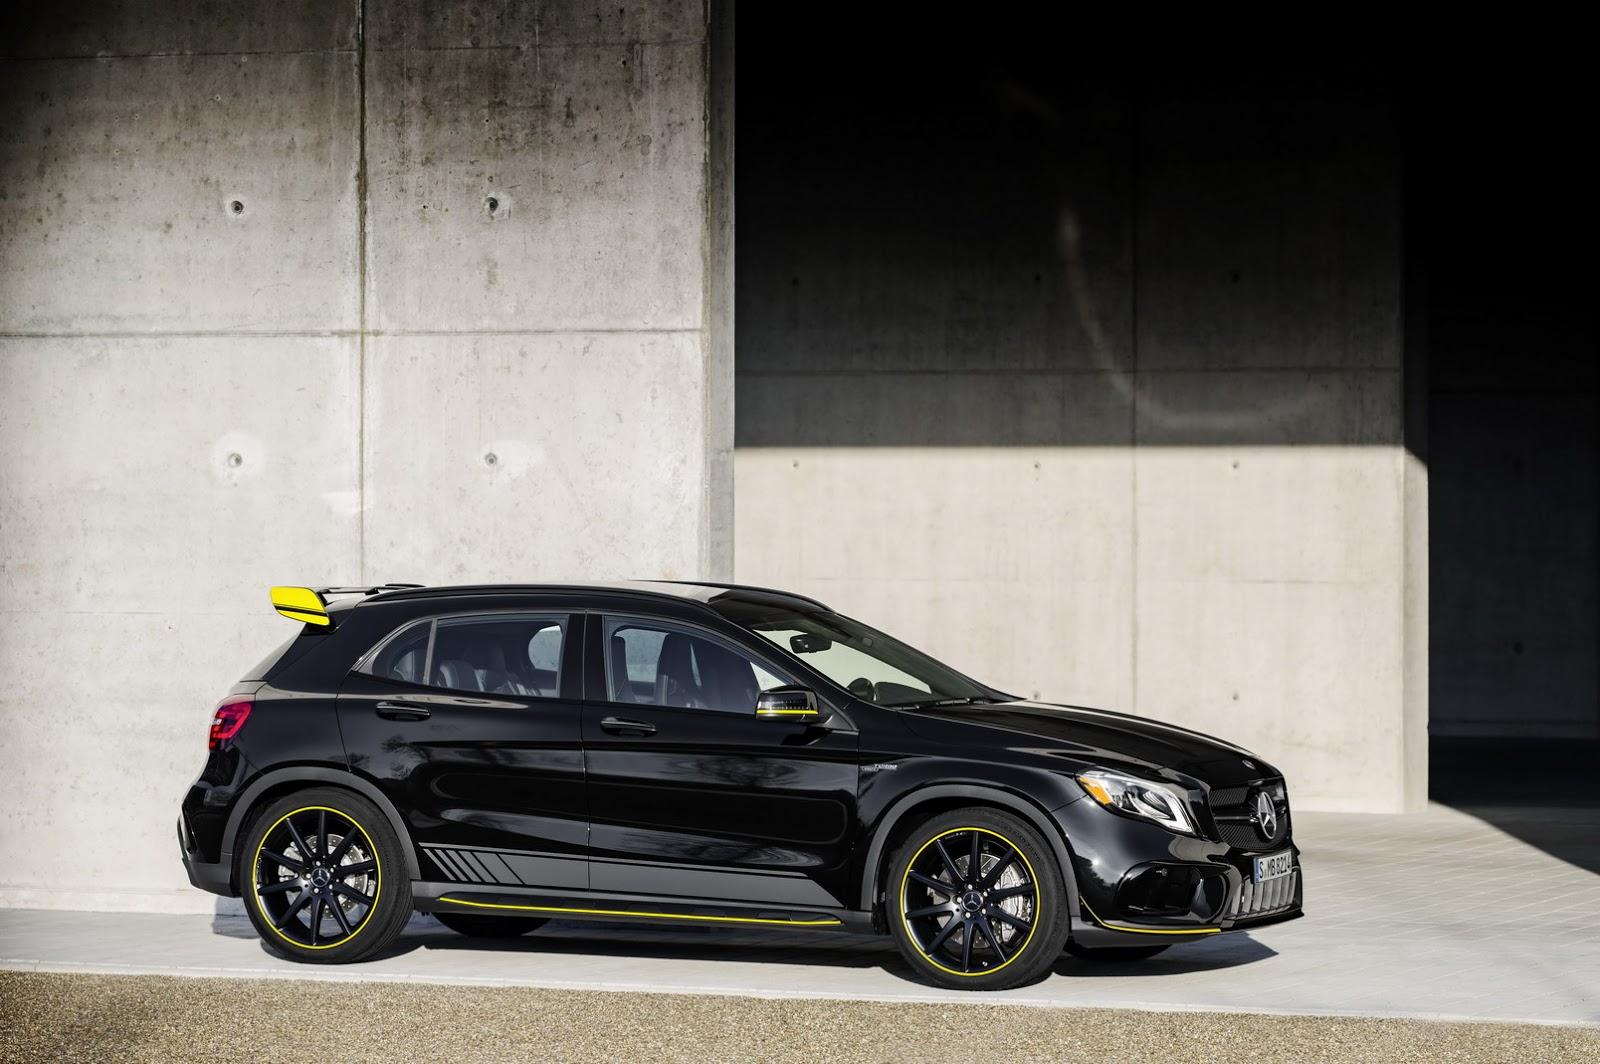 Mercedes GLA facelift and GLA 45 AMG facelift 2017 (69)